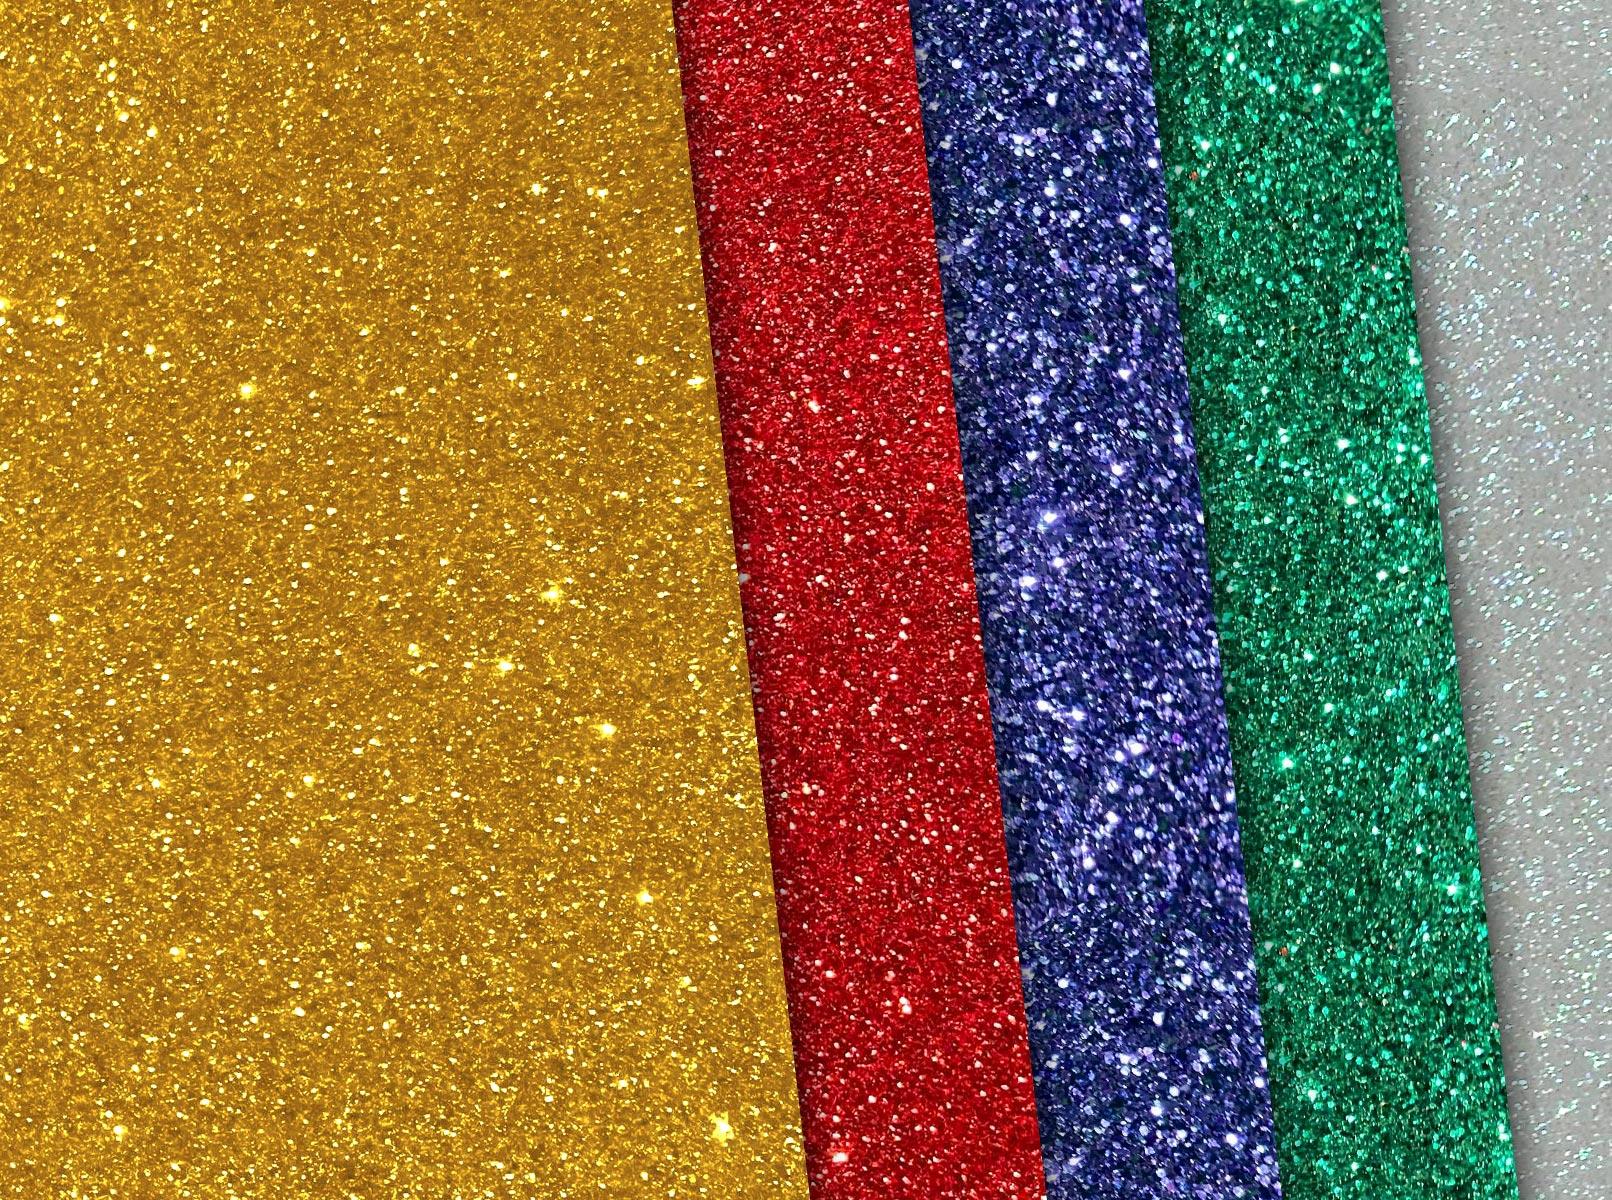 Glitzer-Hintergründe mit verschiedenen Farben und Formen